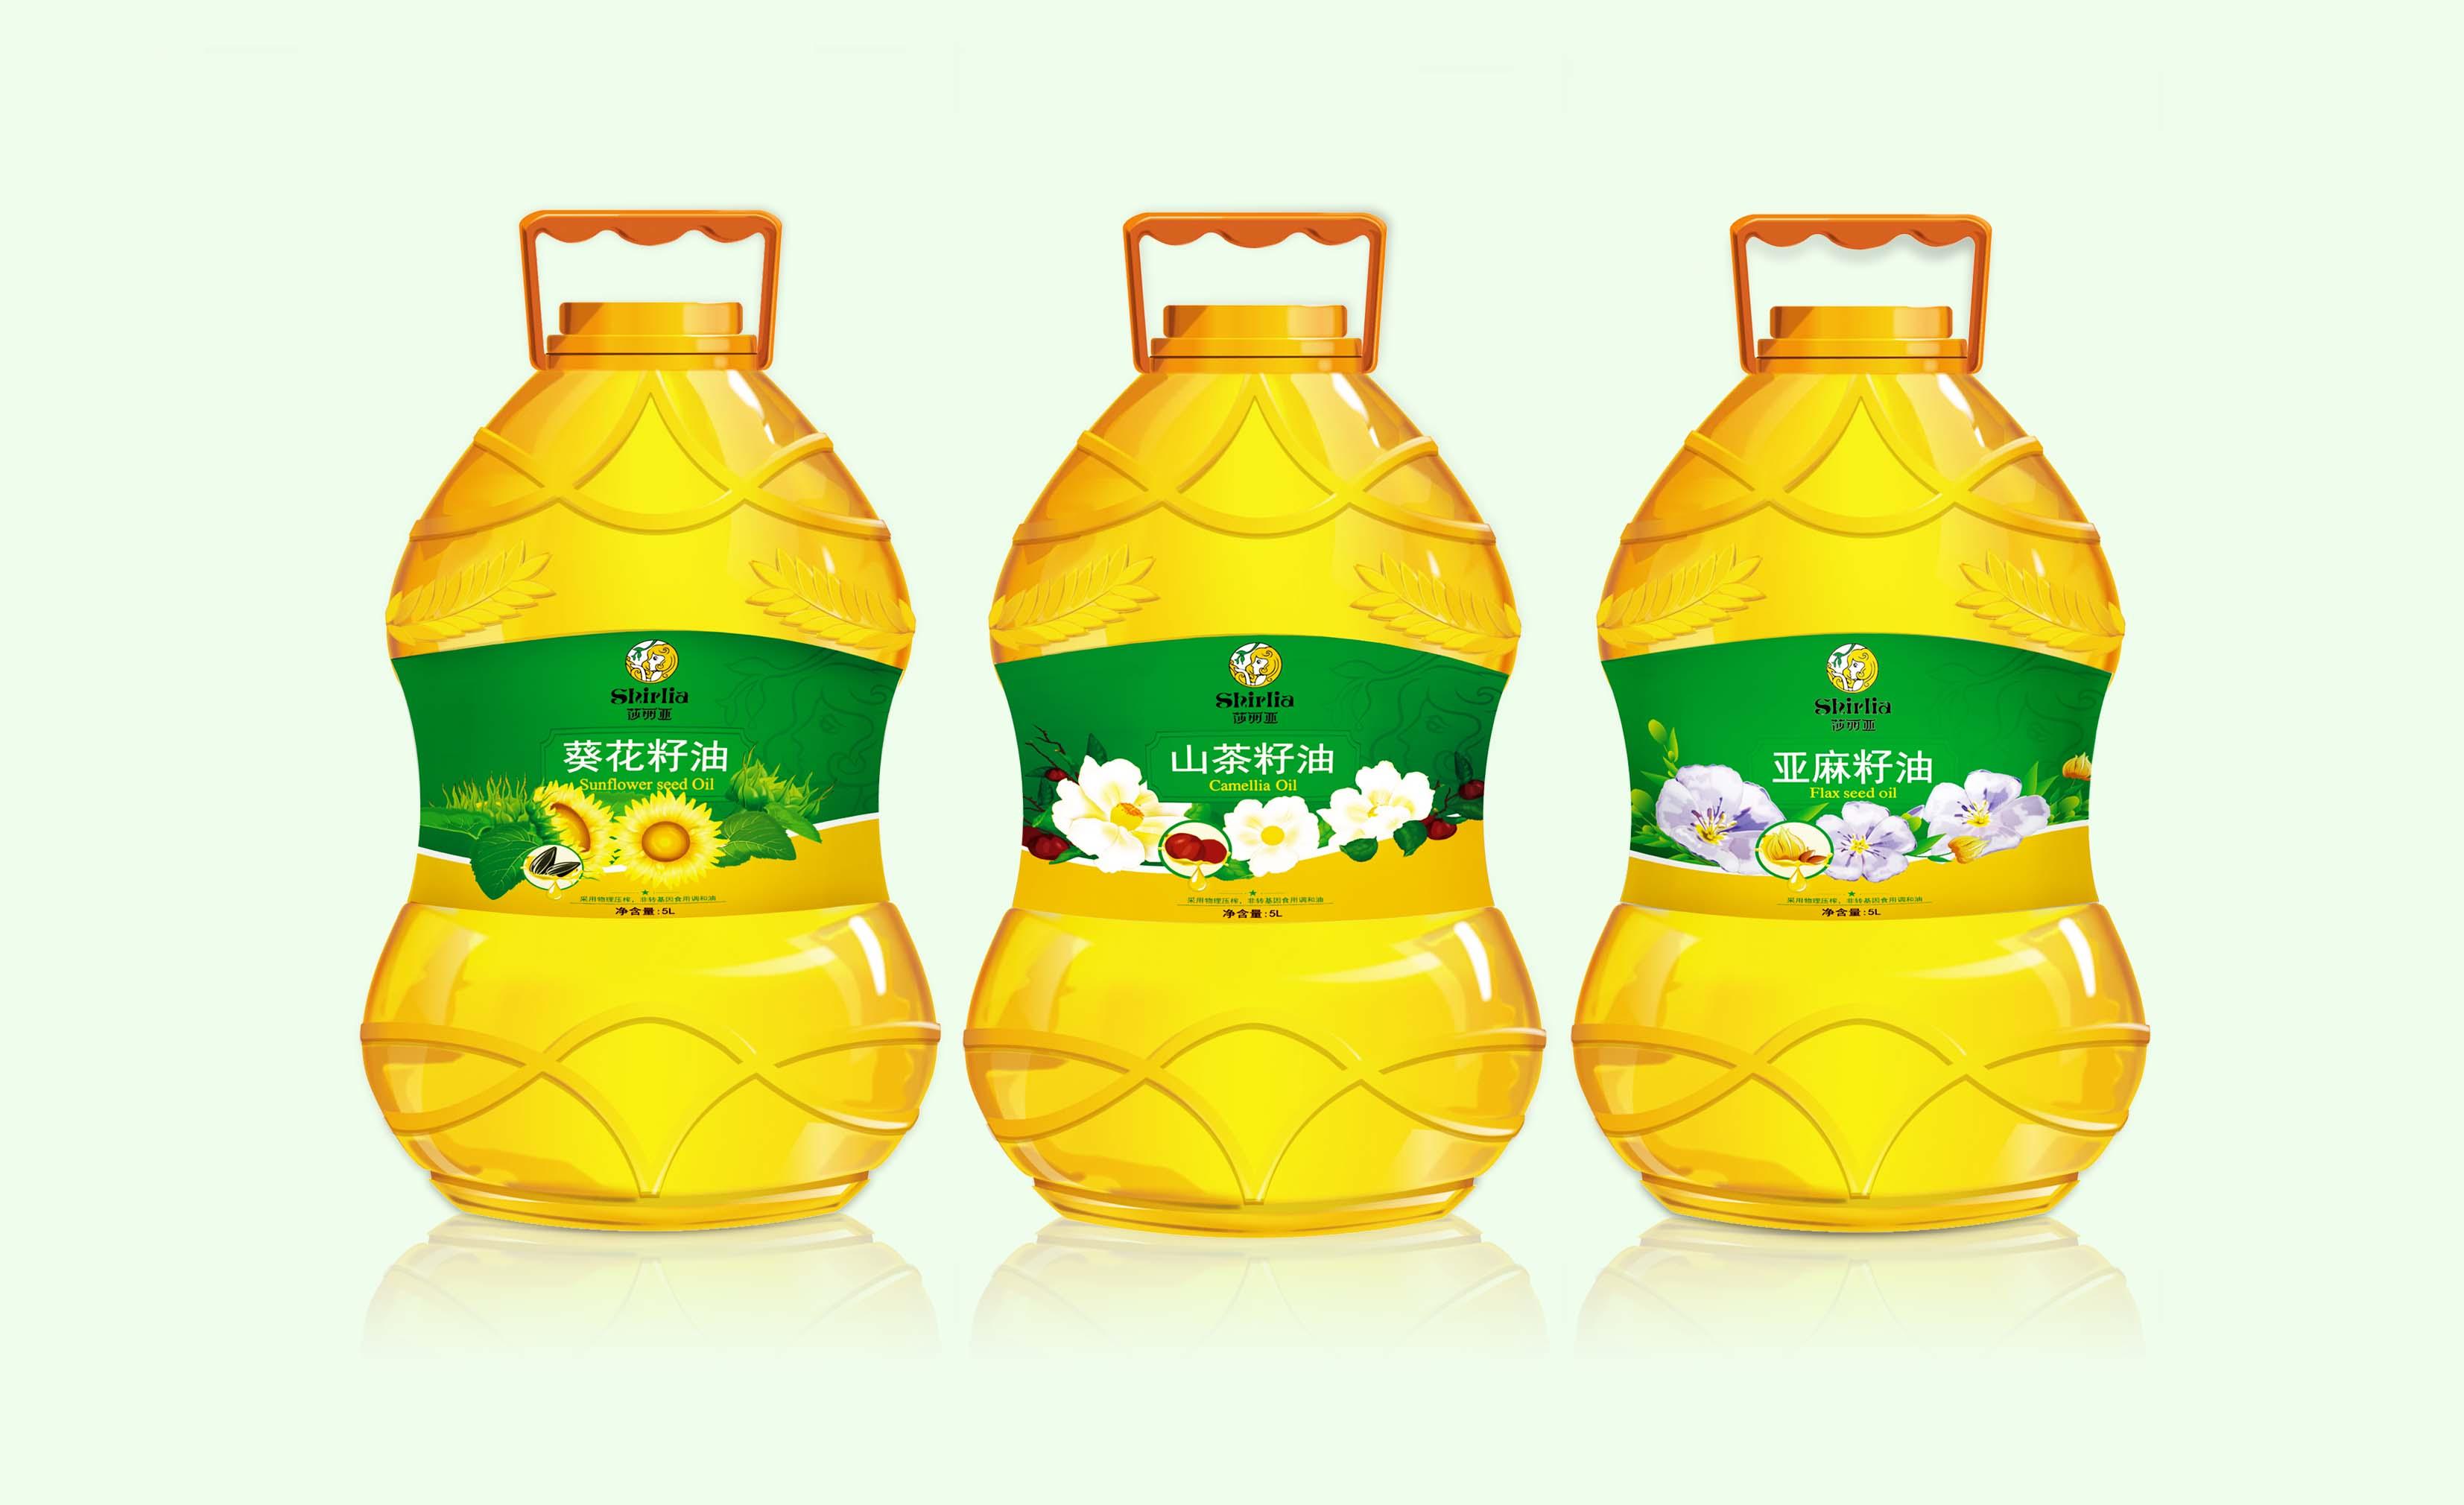 Shirlia 莎丽亚食用油瓶形设计山茶油亚麻籽油葡萄籽包装设计礼盒包装设计-上海包装设计公司